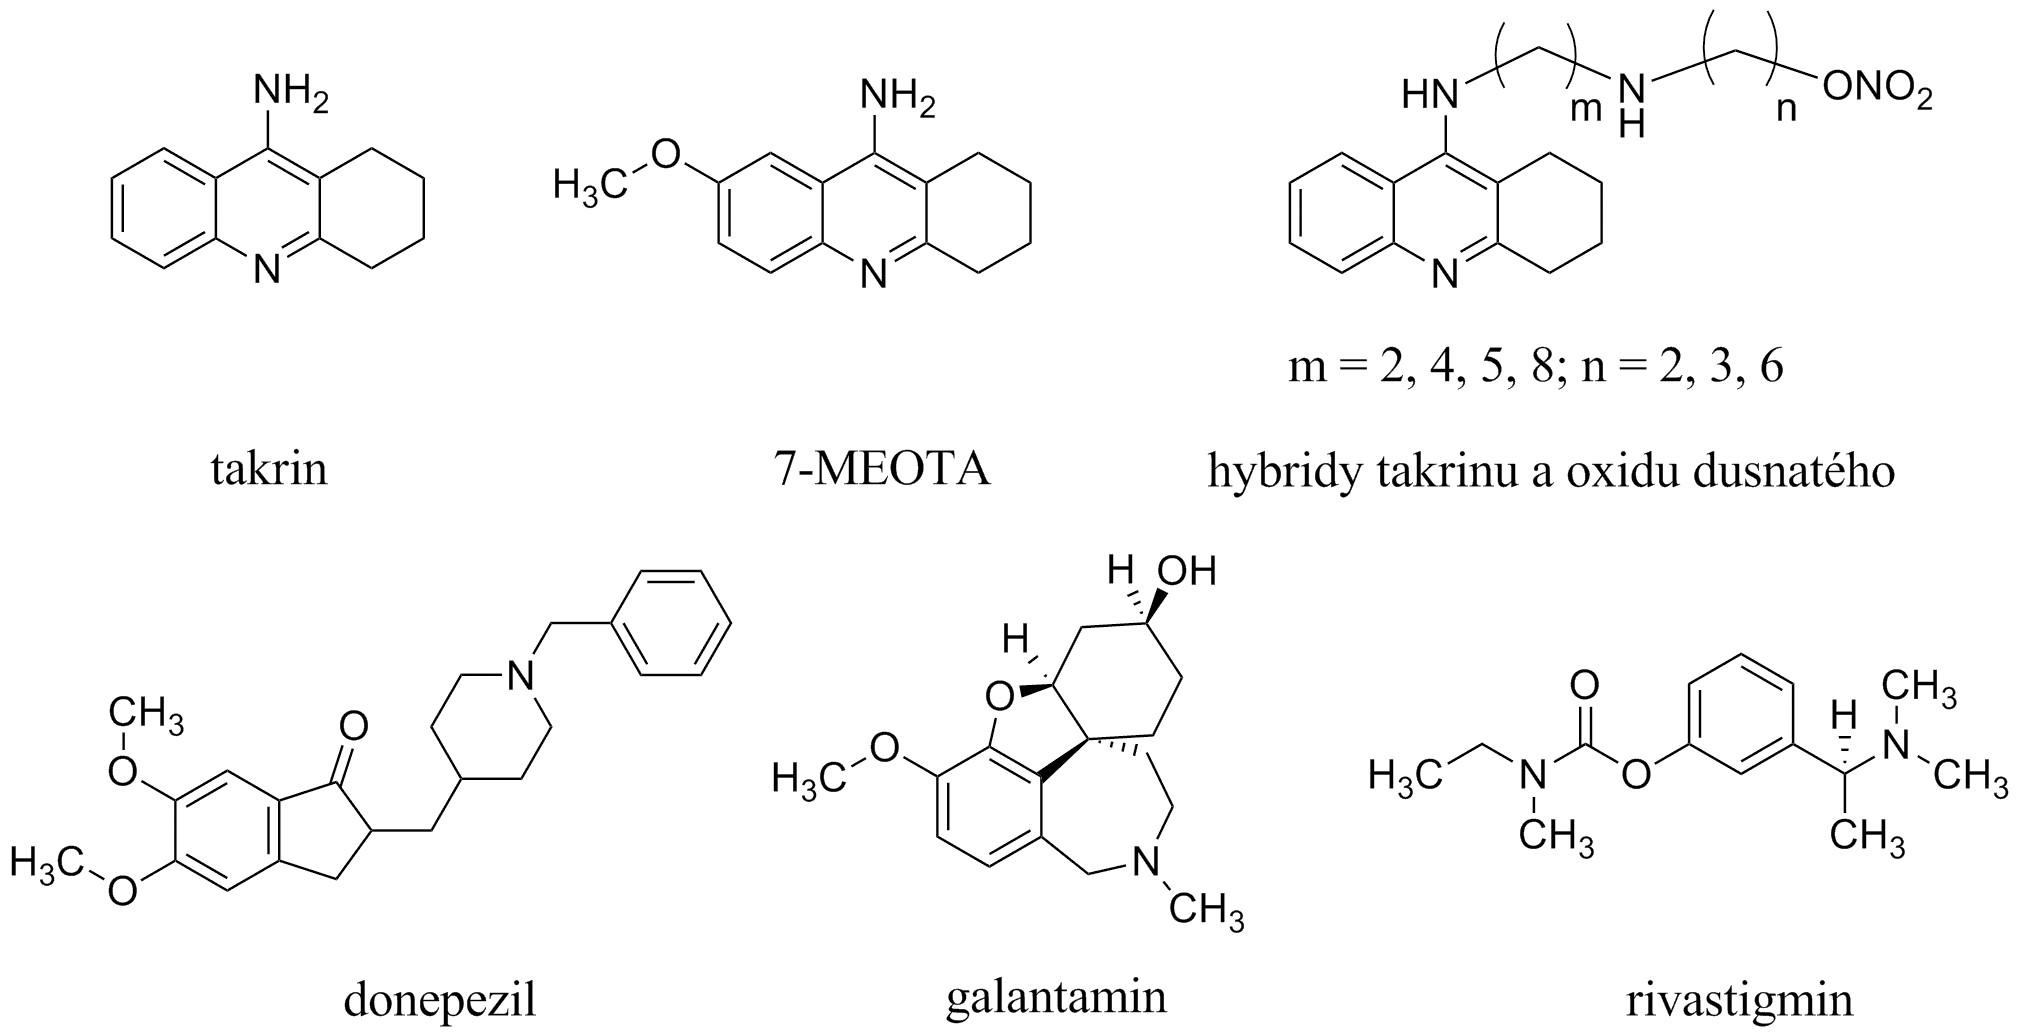 Struktury inhibitorů acetylcholinesterasy